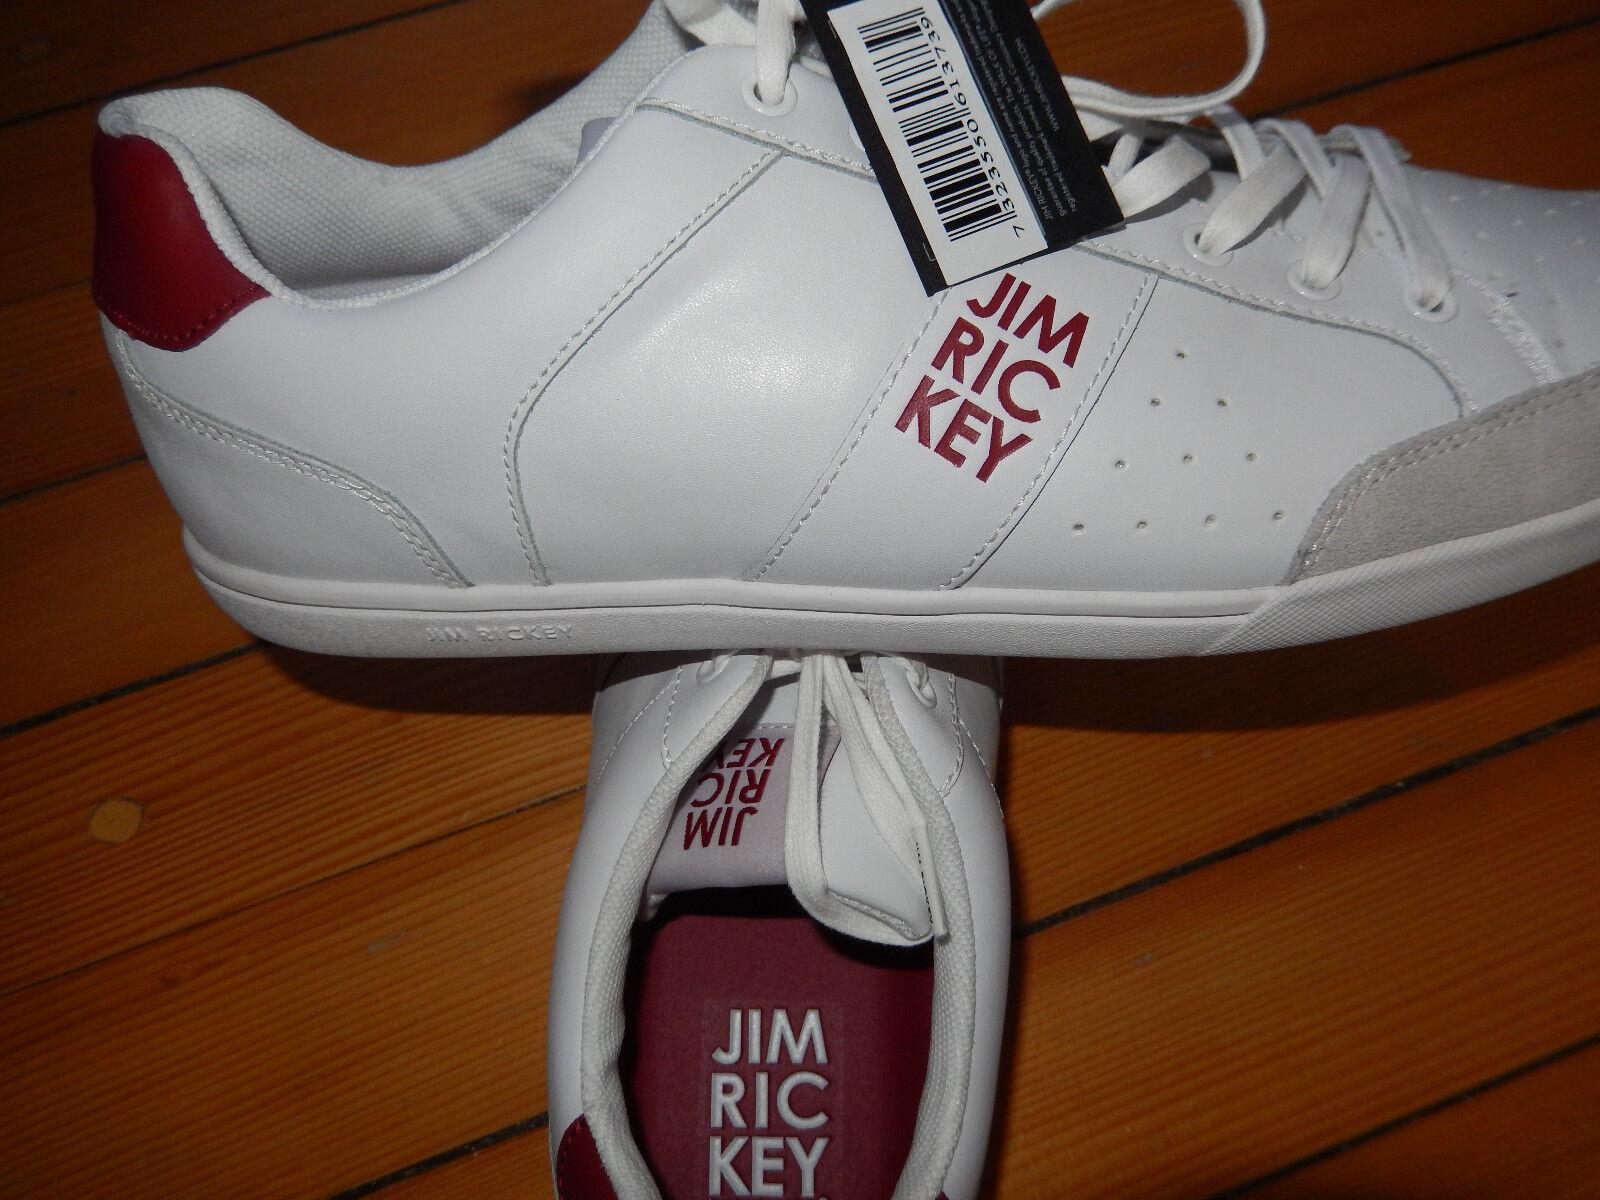 Jim Rickey COURT # 45 # Sneaker low Turnschuhe # WEISS/ROT # Schuhe Turnschuhe low 7c497b